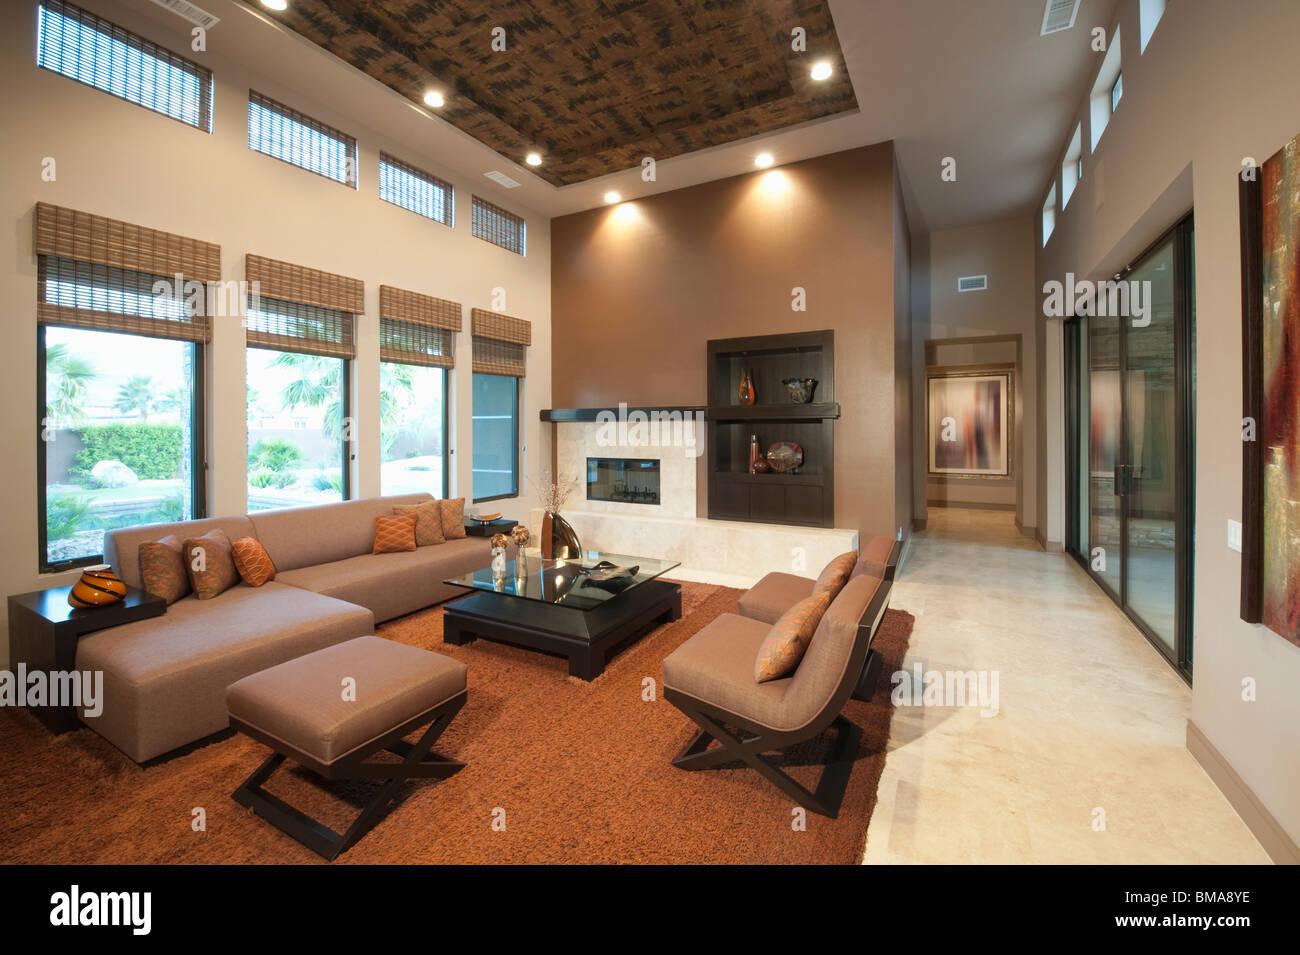 Geräumiges Wohnzimmer mit doppelter Höhe Decke Stockfoto, Bild ...